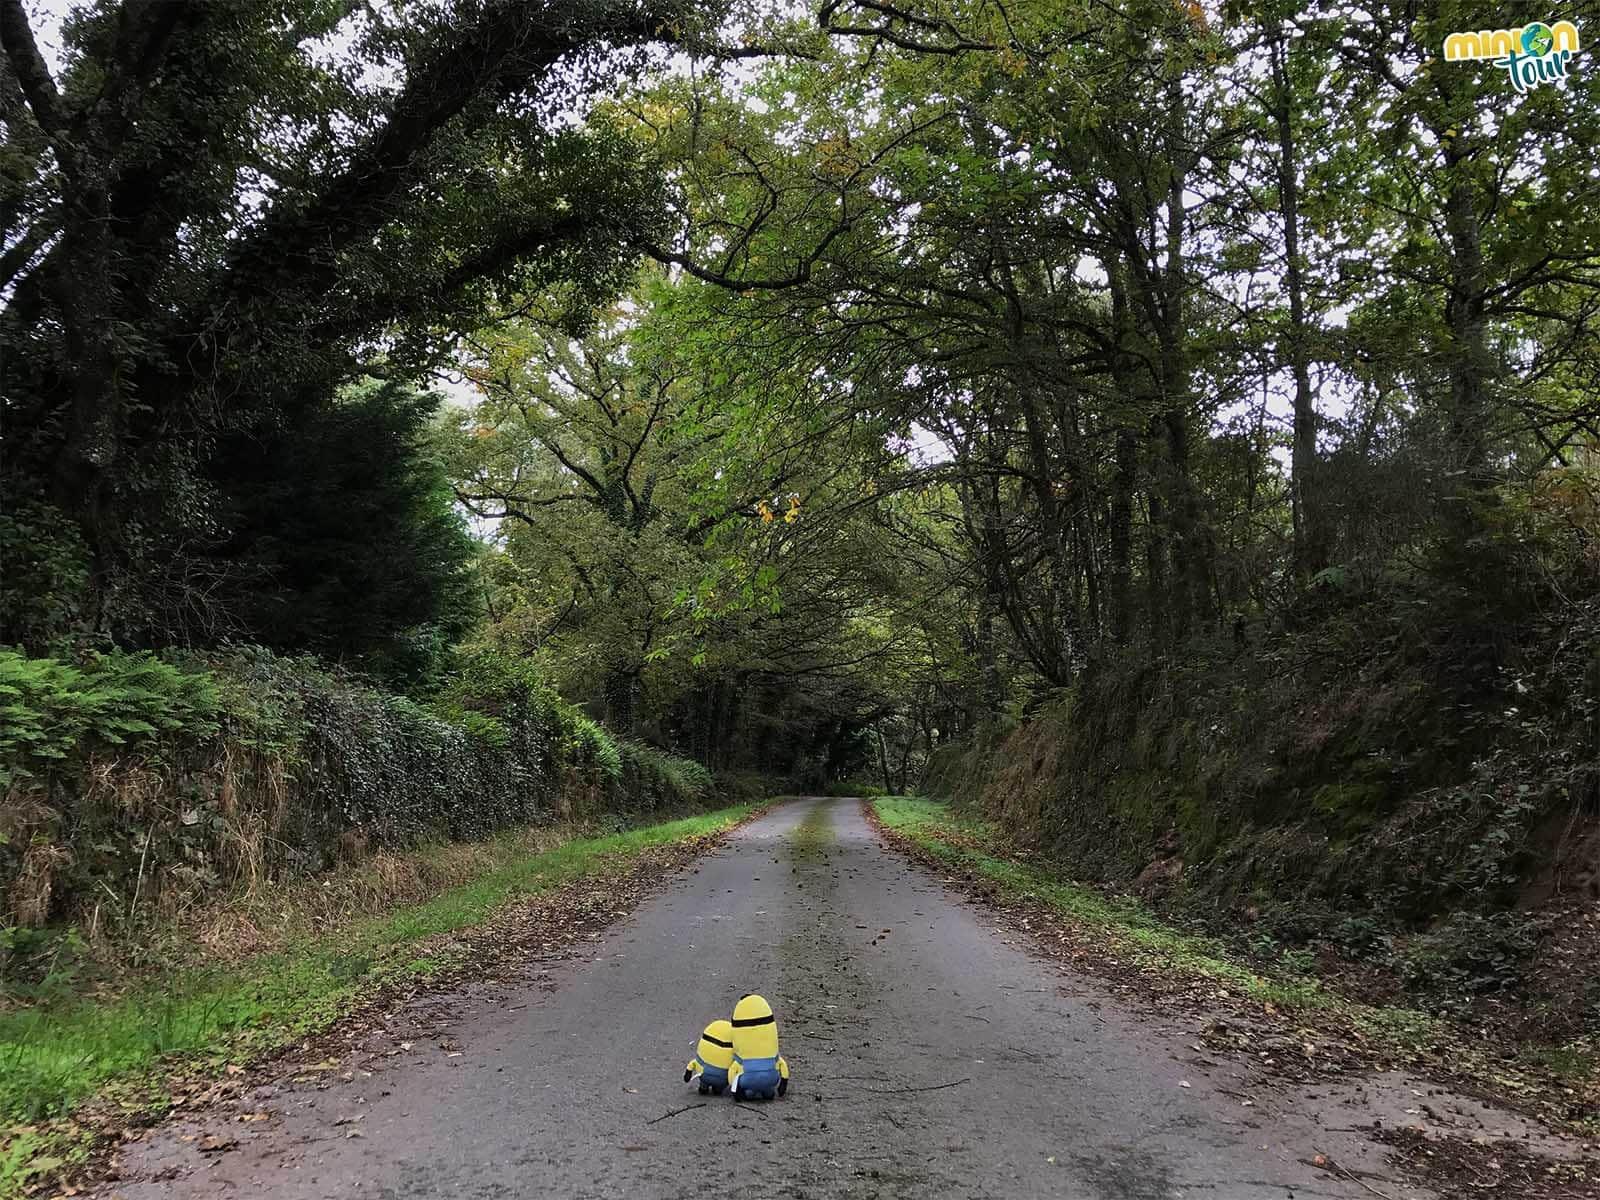 Minions paseando por el Viejo Lugo agrario